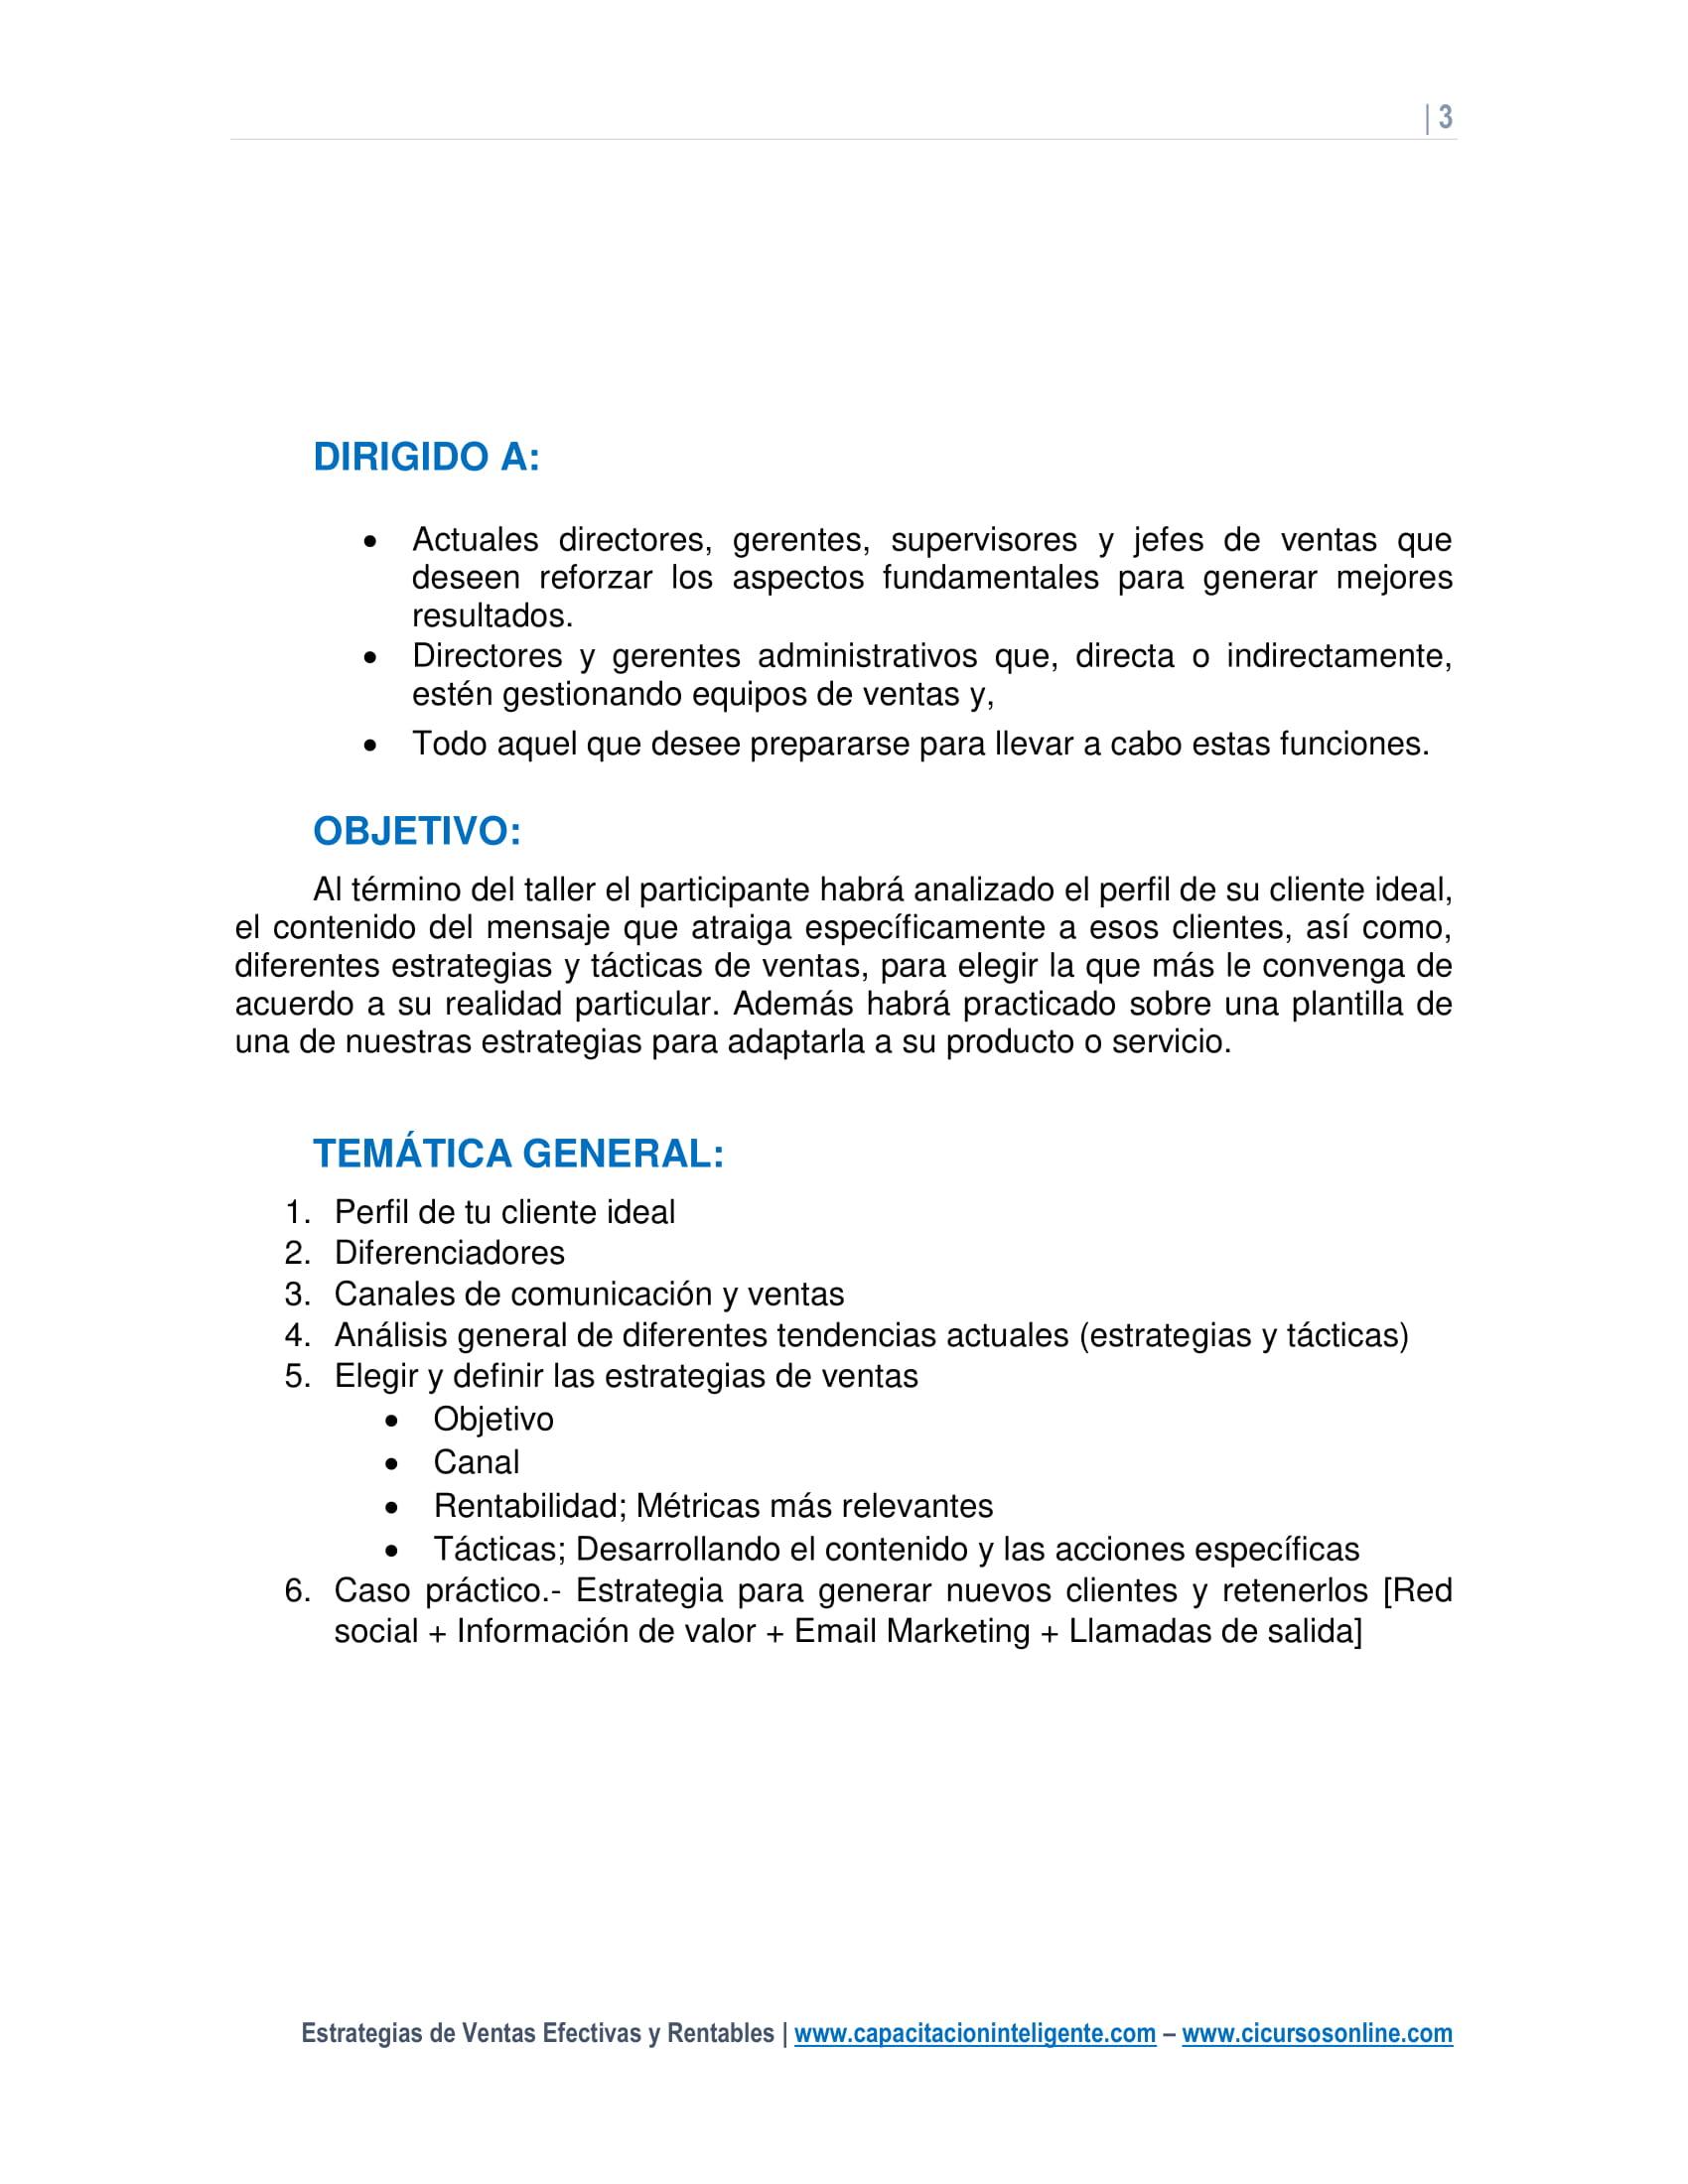 Cuaderno de Trabajo - Estrategias de ventas efectivas y rentables-03